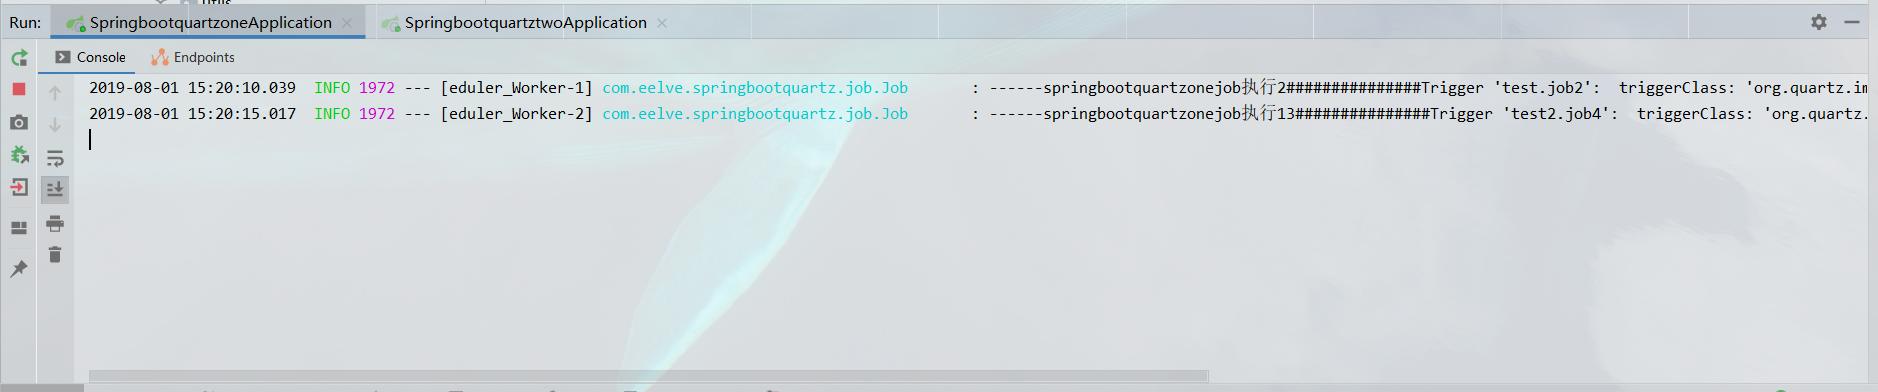 SpringbootquartzoneApplication